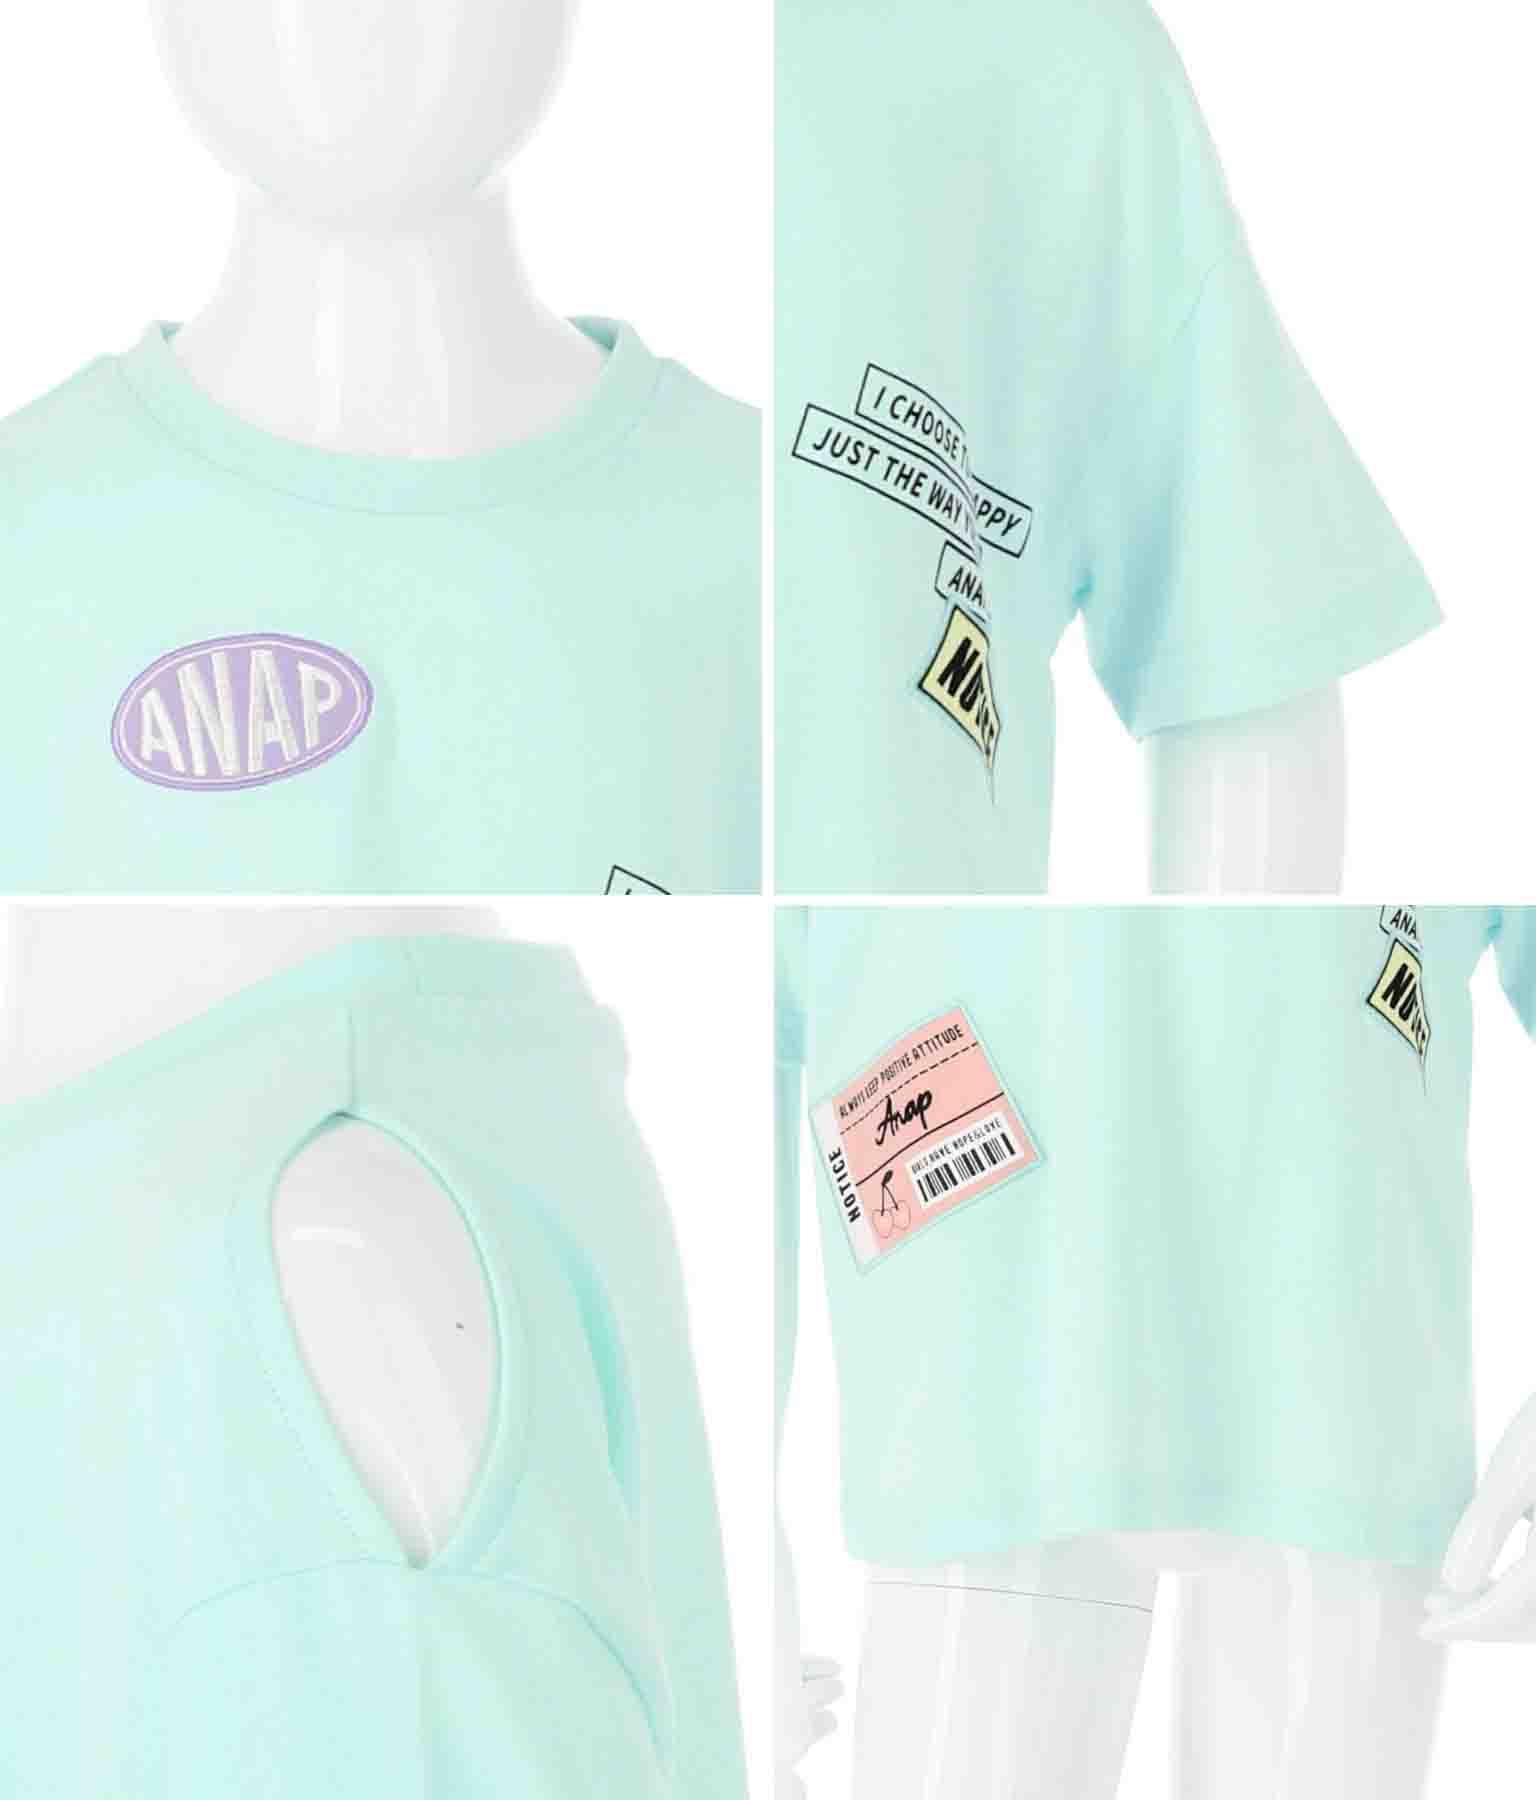 チケット付肩あきTシャツ(トップス/Tシャツ) | ANAP KIDS